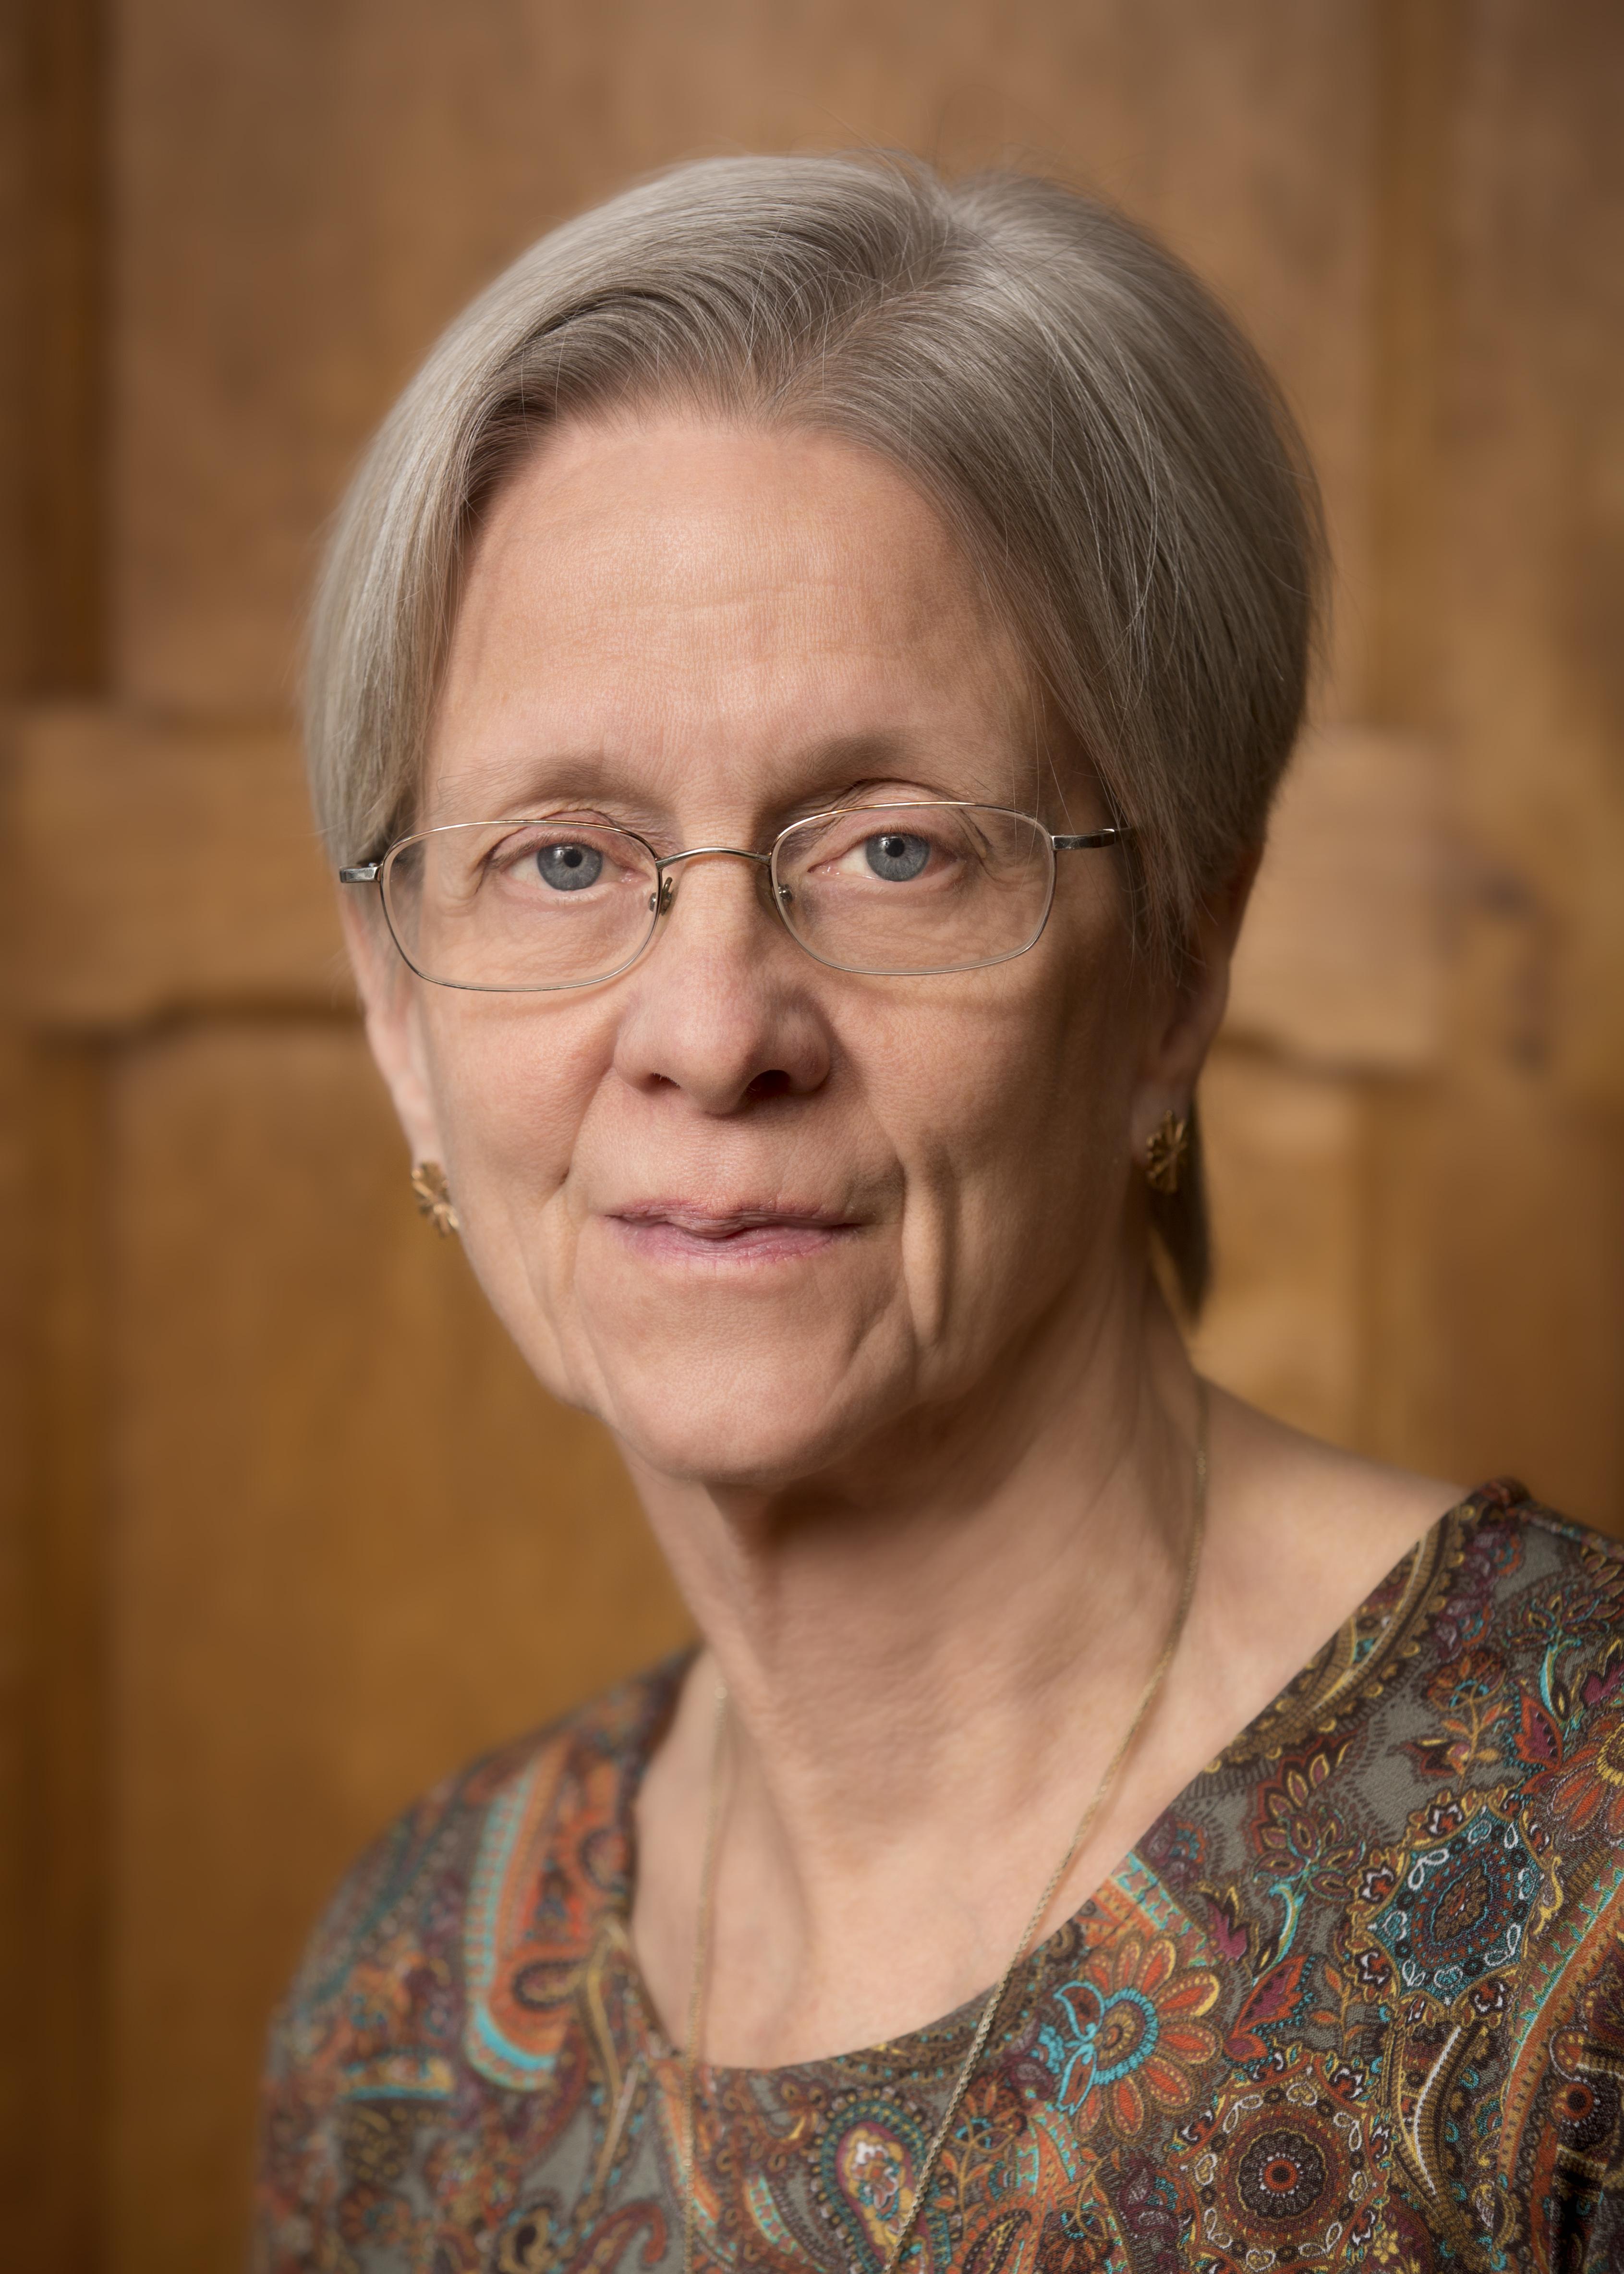 Susan Rose-Ackerman